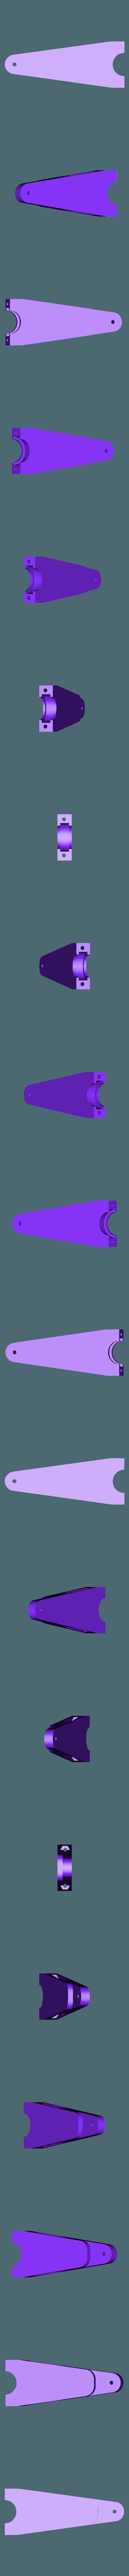 test_v1_test_v1_Component9_1_Body1_Component9.stl Télécharger fichier STL gratuit Test de la machine vibrante • Design imprimable en 3D, TinkersProjects